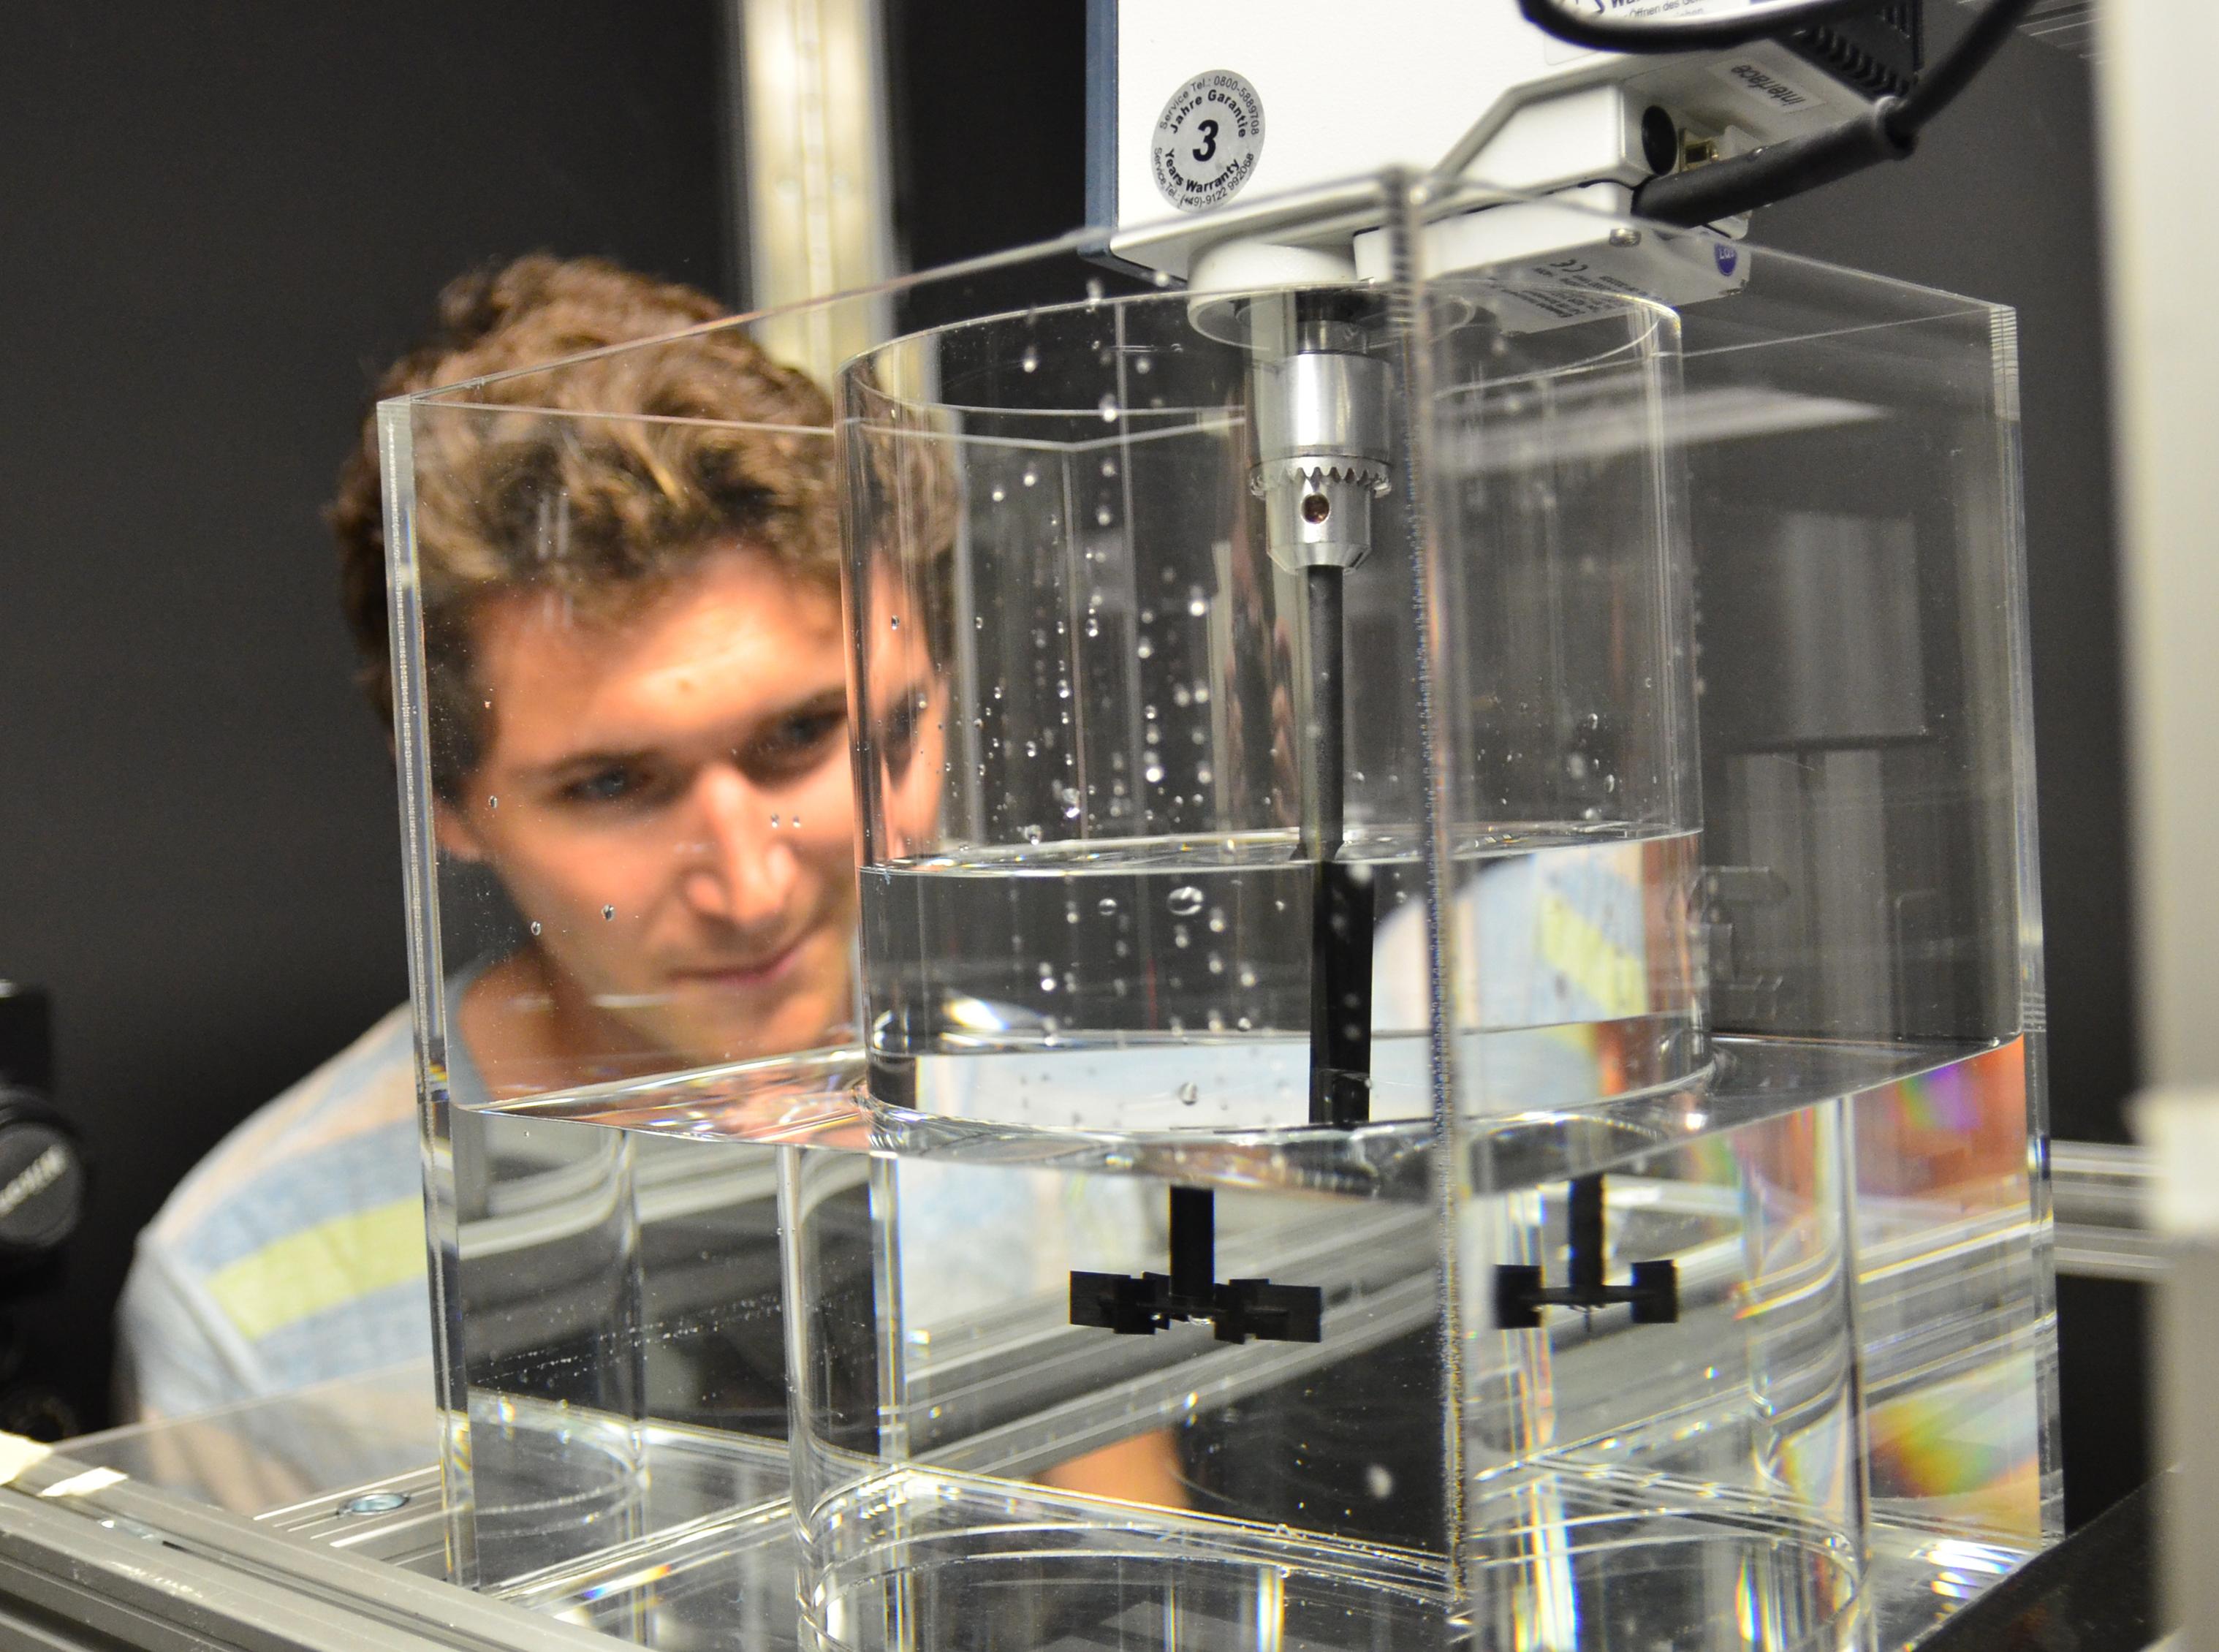 Sven Annas schaut in das Modell, das aus einem Standzylinder aus Plexiglas besteht.